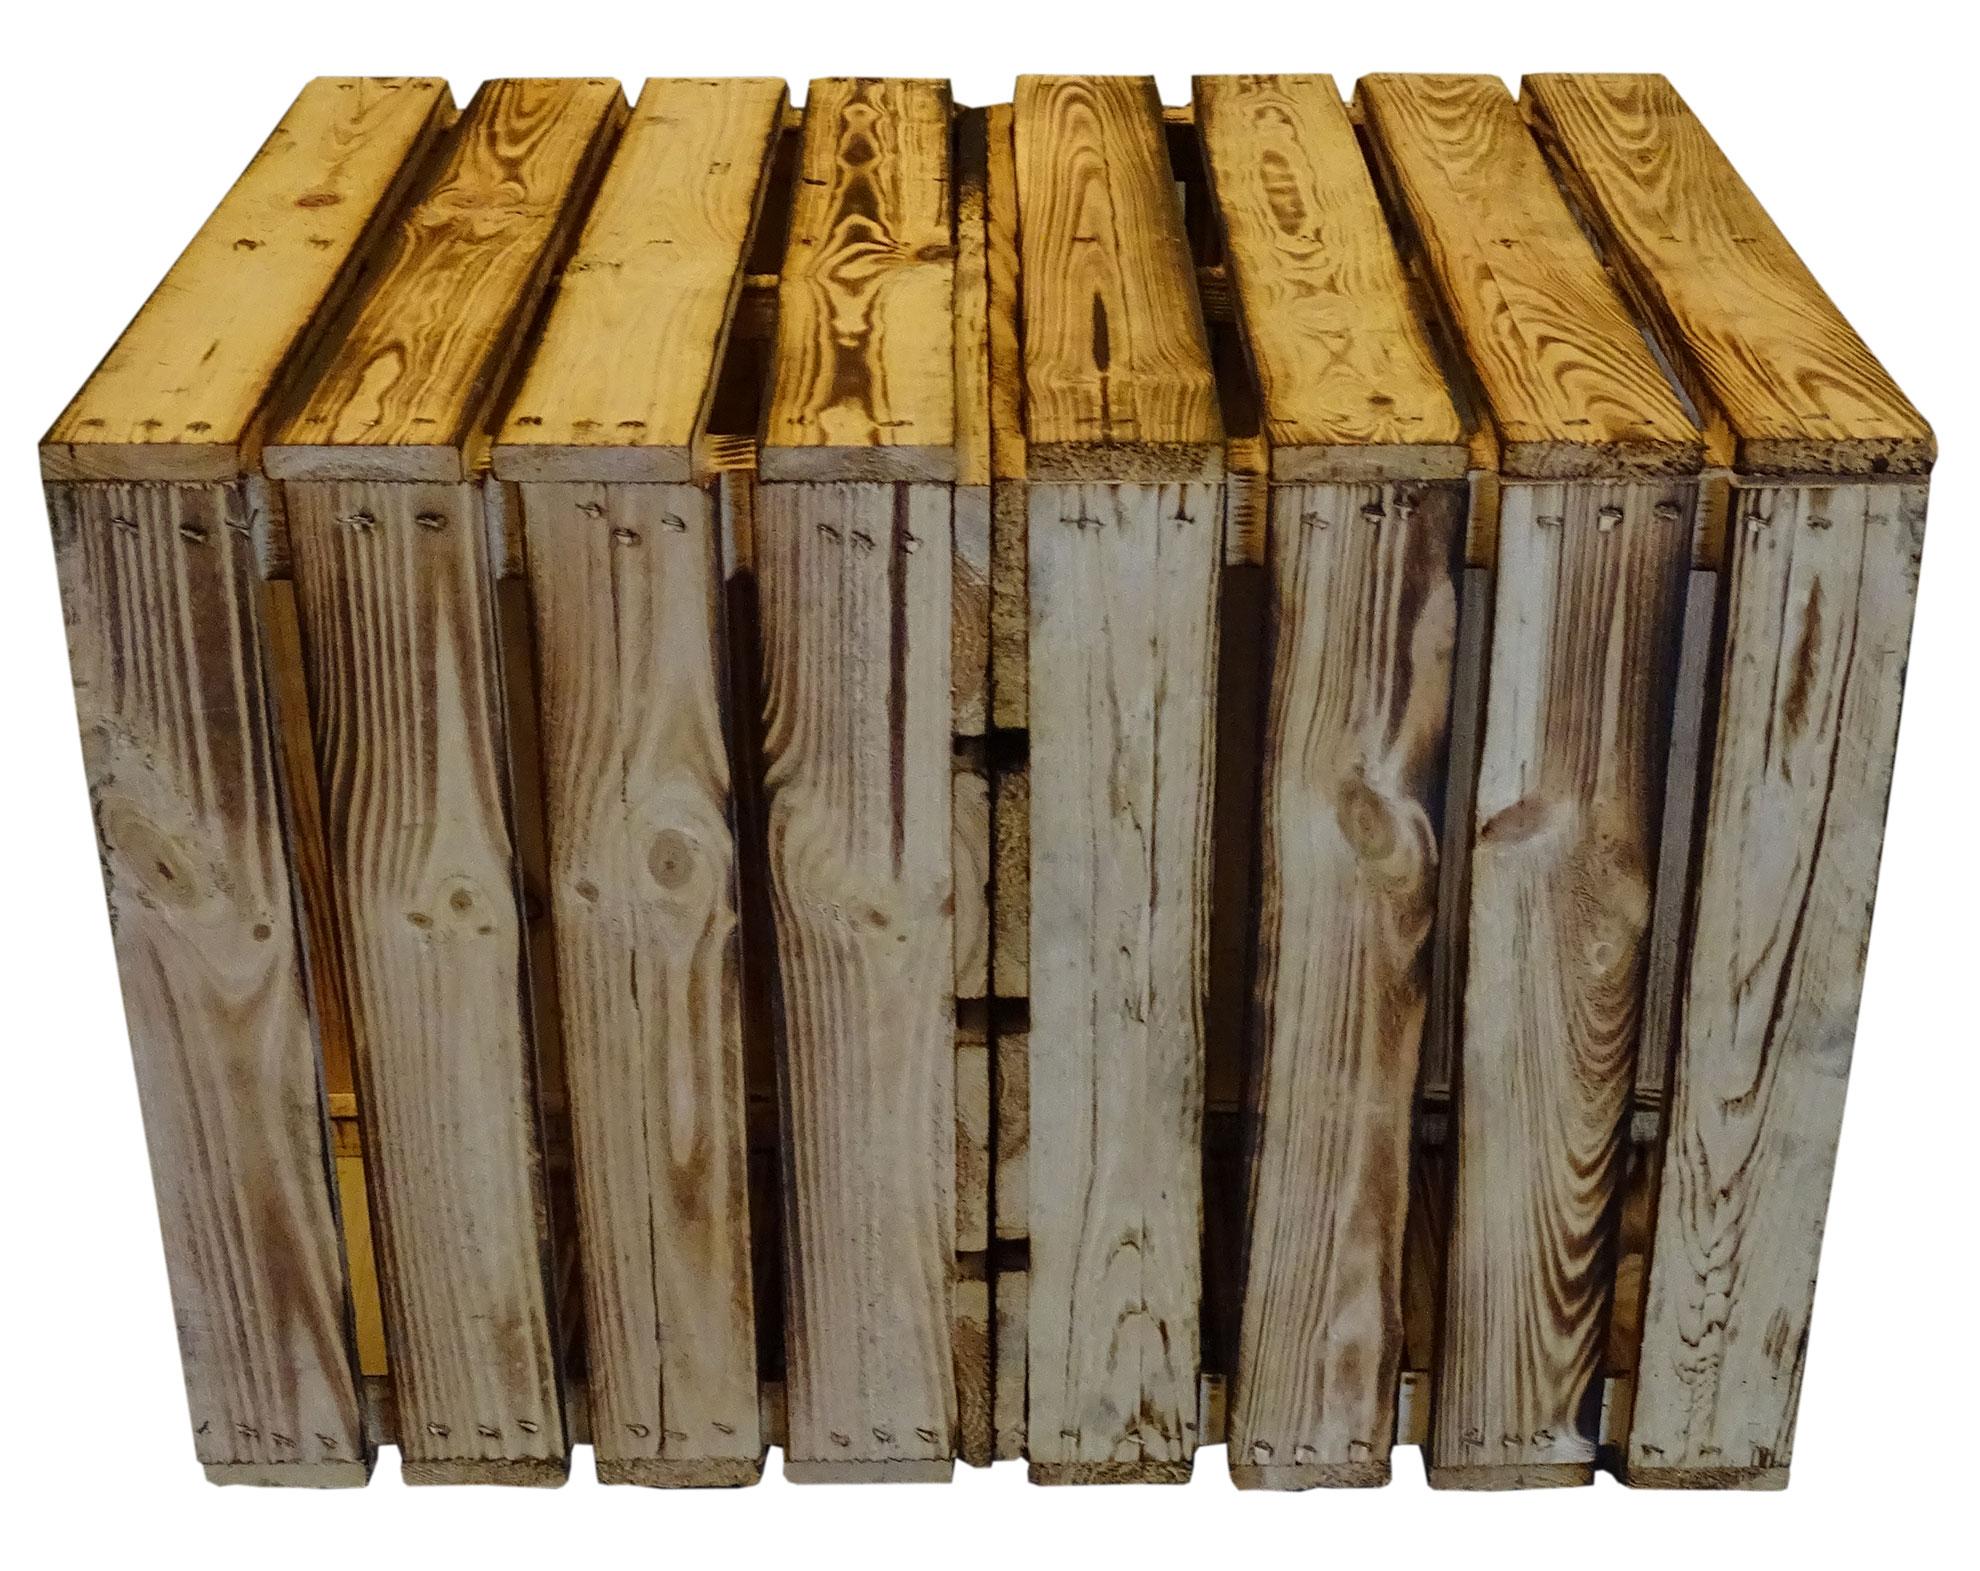 Beistelltisch Holz Auf Rollen ~ Möbel  Truhen  Beistelltisch geflammt auf Rollen